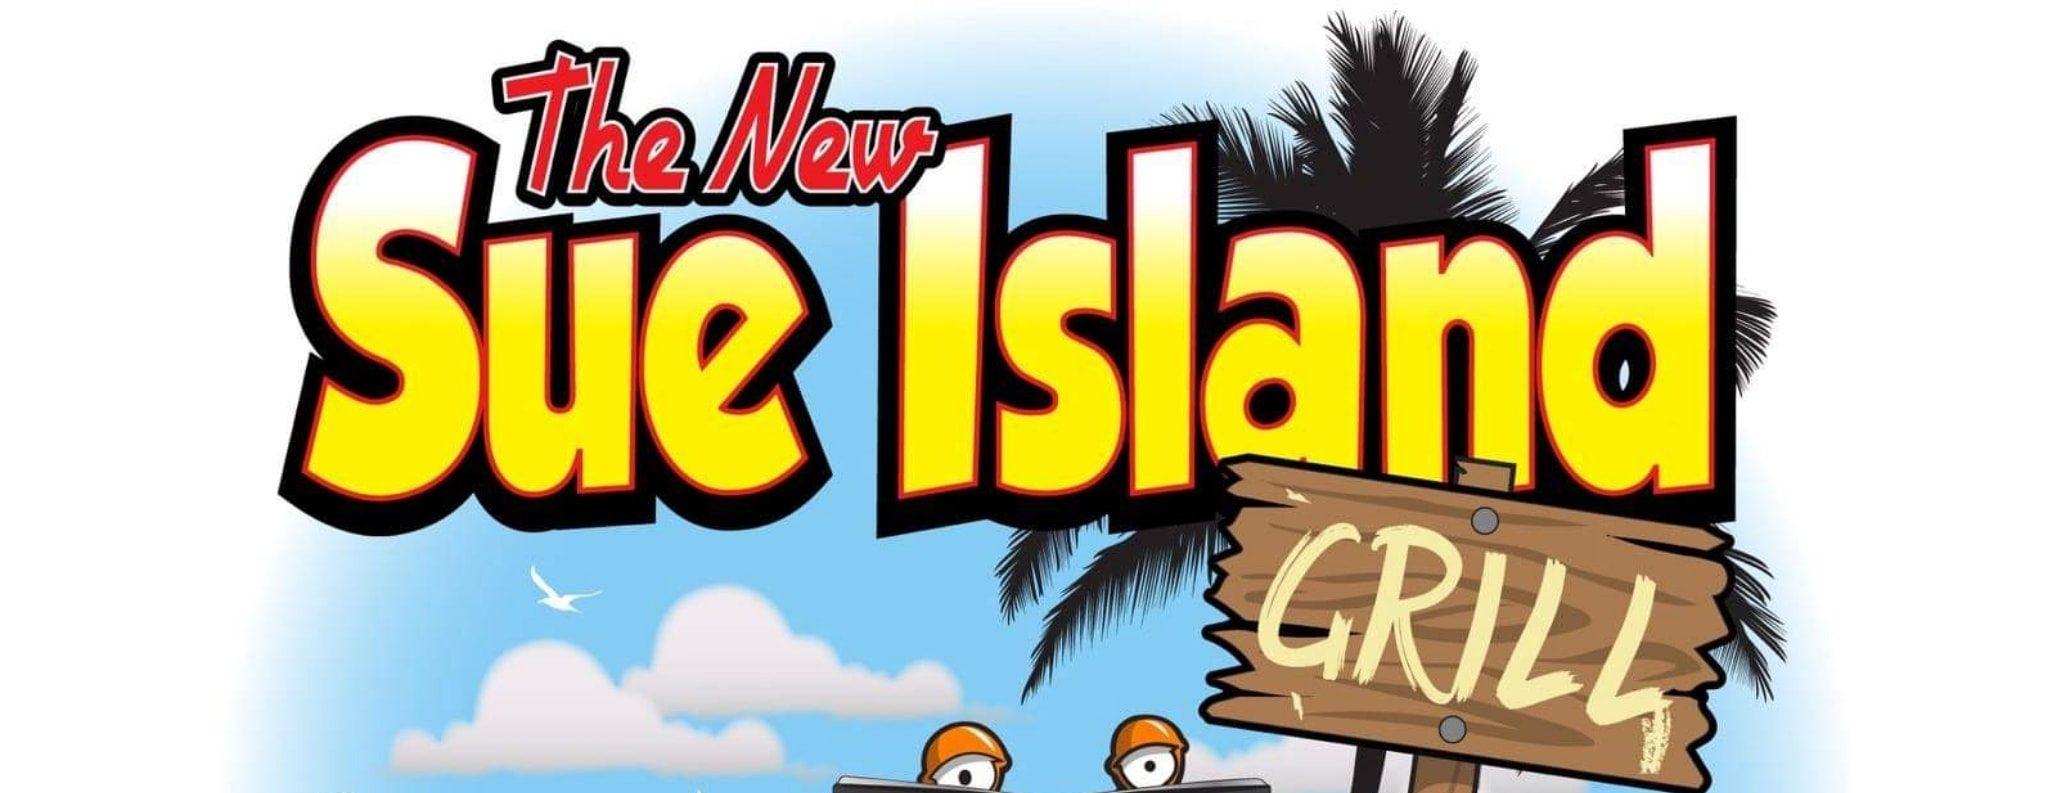 sue_island_grill